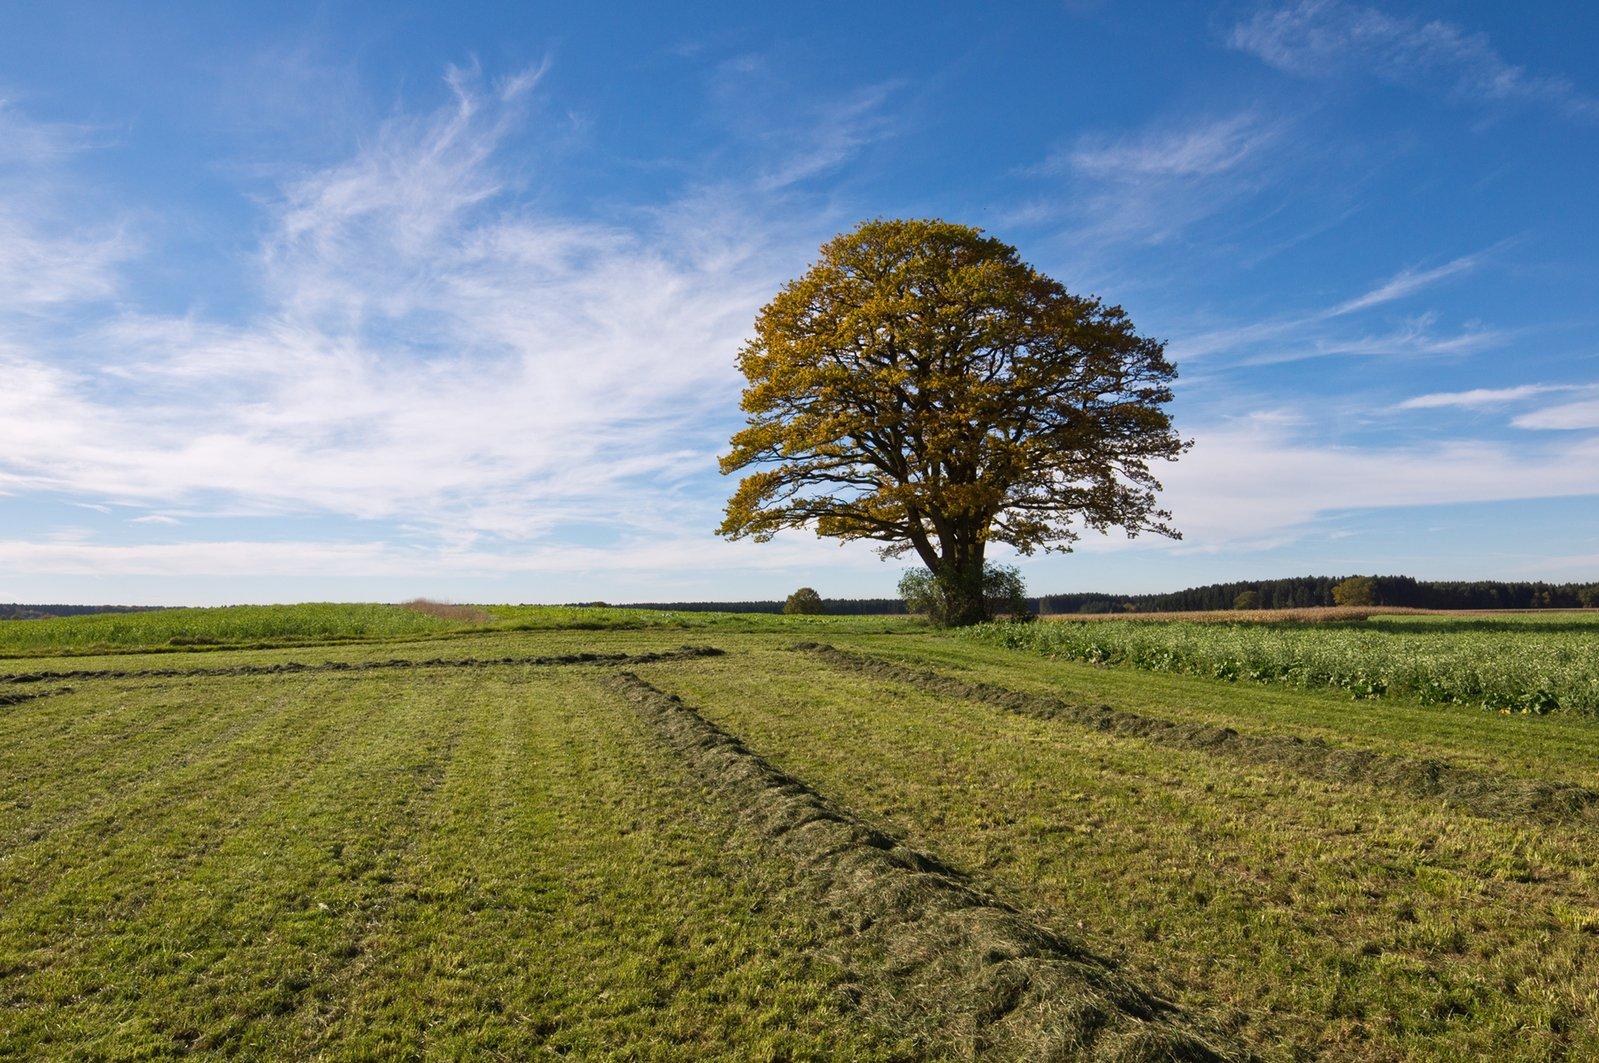 Single Oak Tree in Fields - Autumn colored